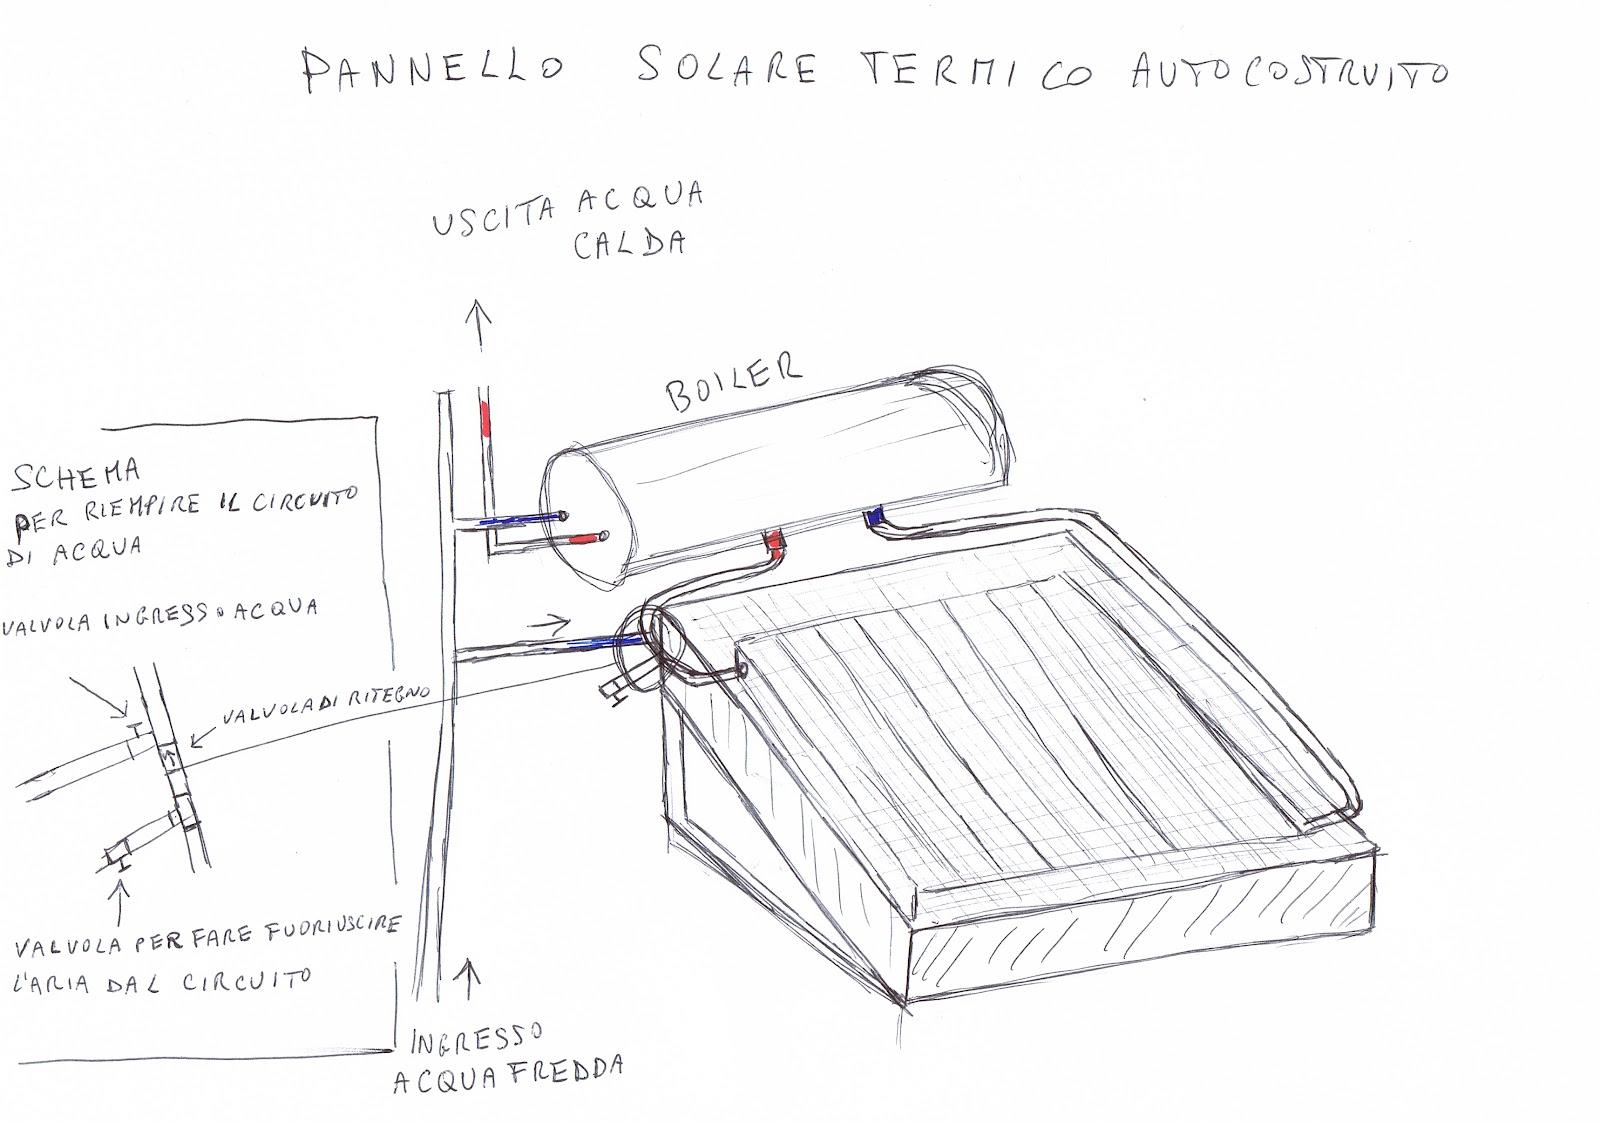 Elettronicahobbyfaidate pannello solare termico auto for Schema impianto solare termico fai da te